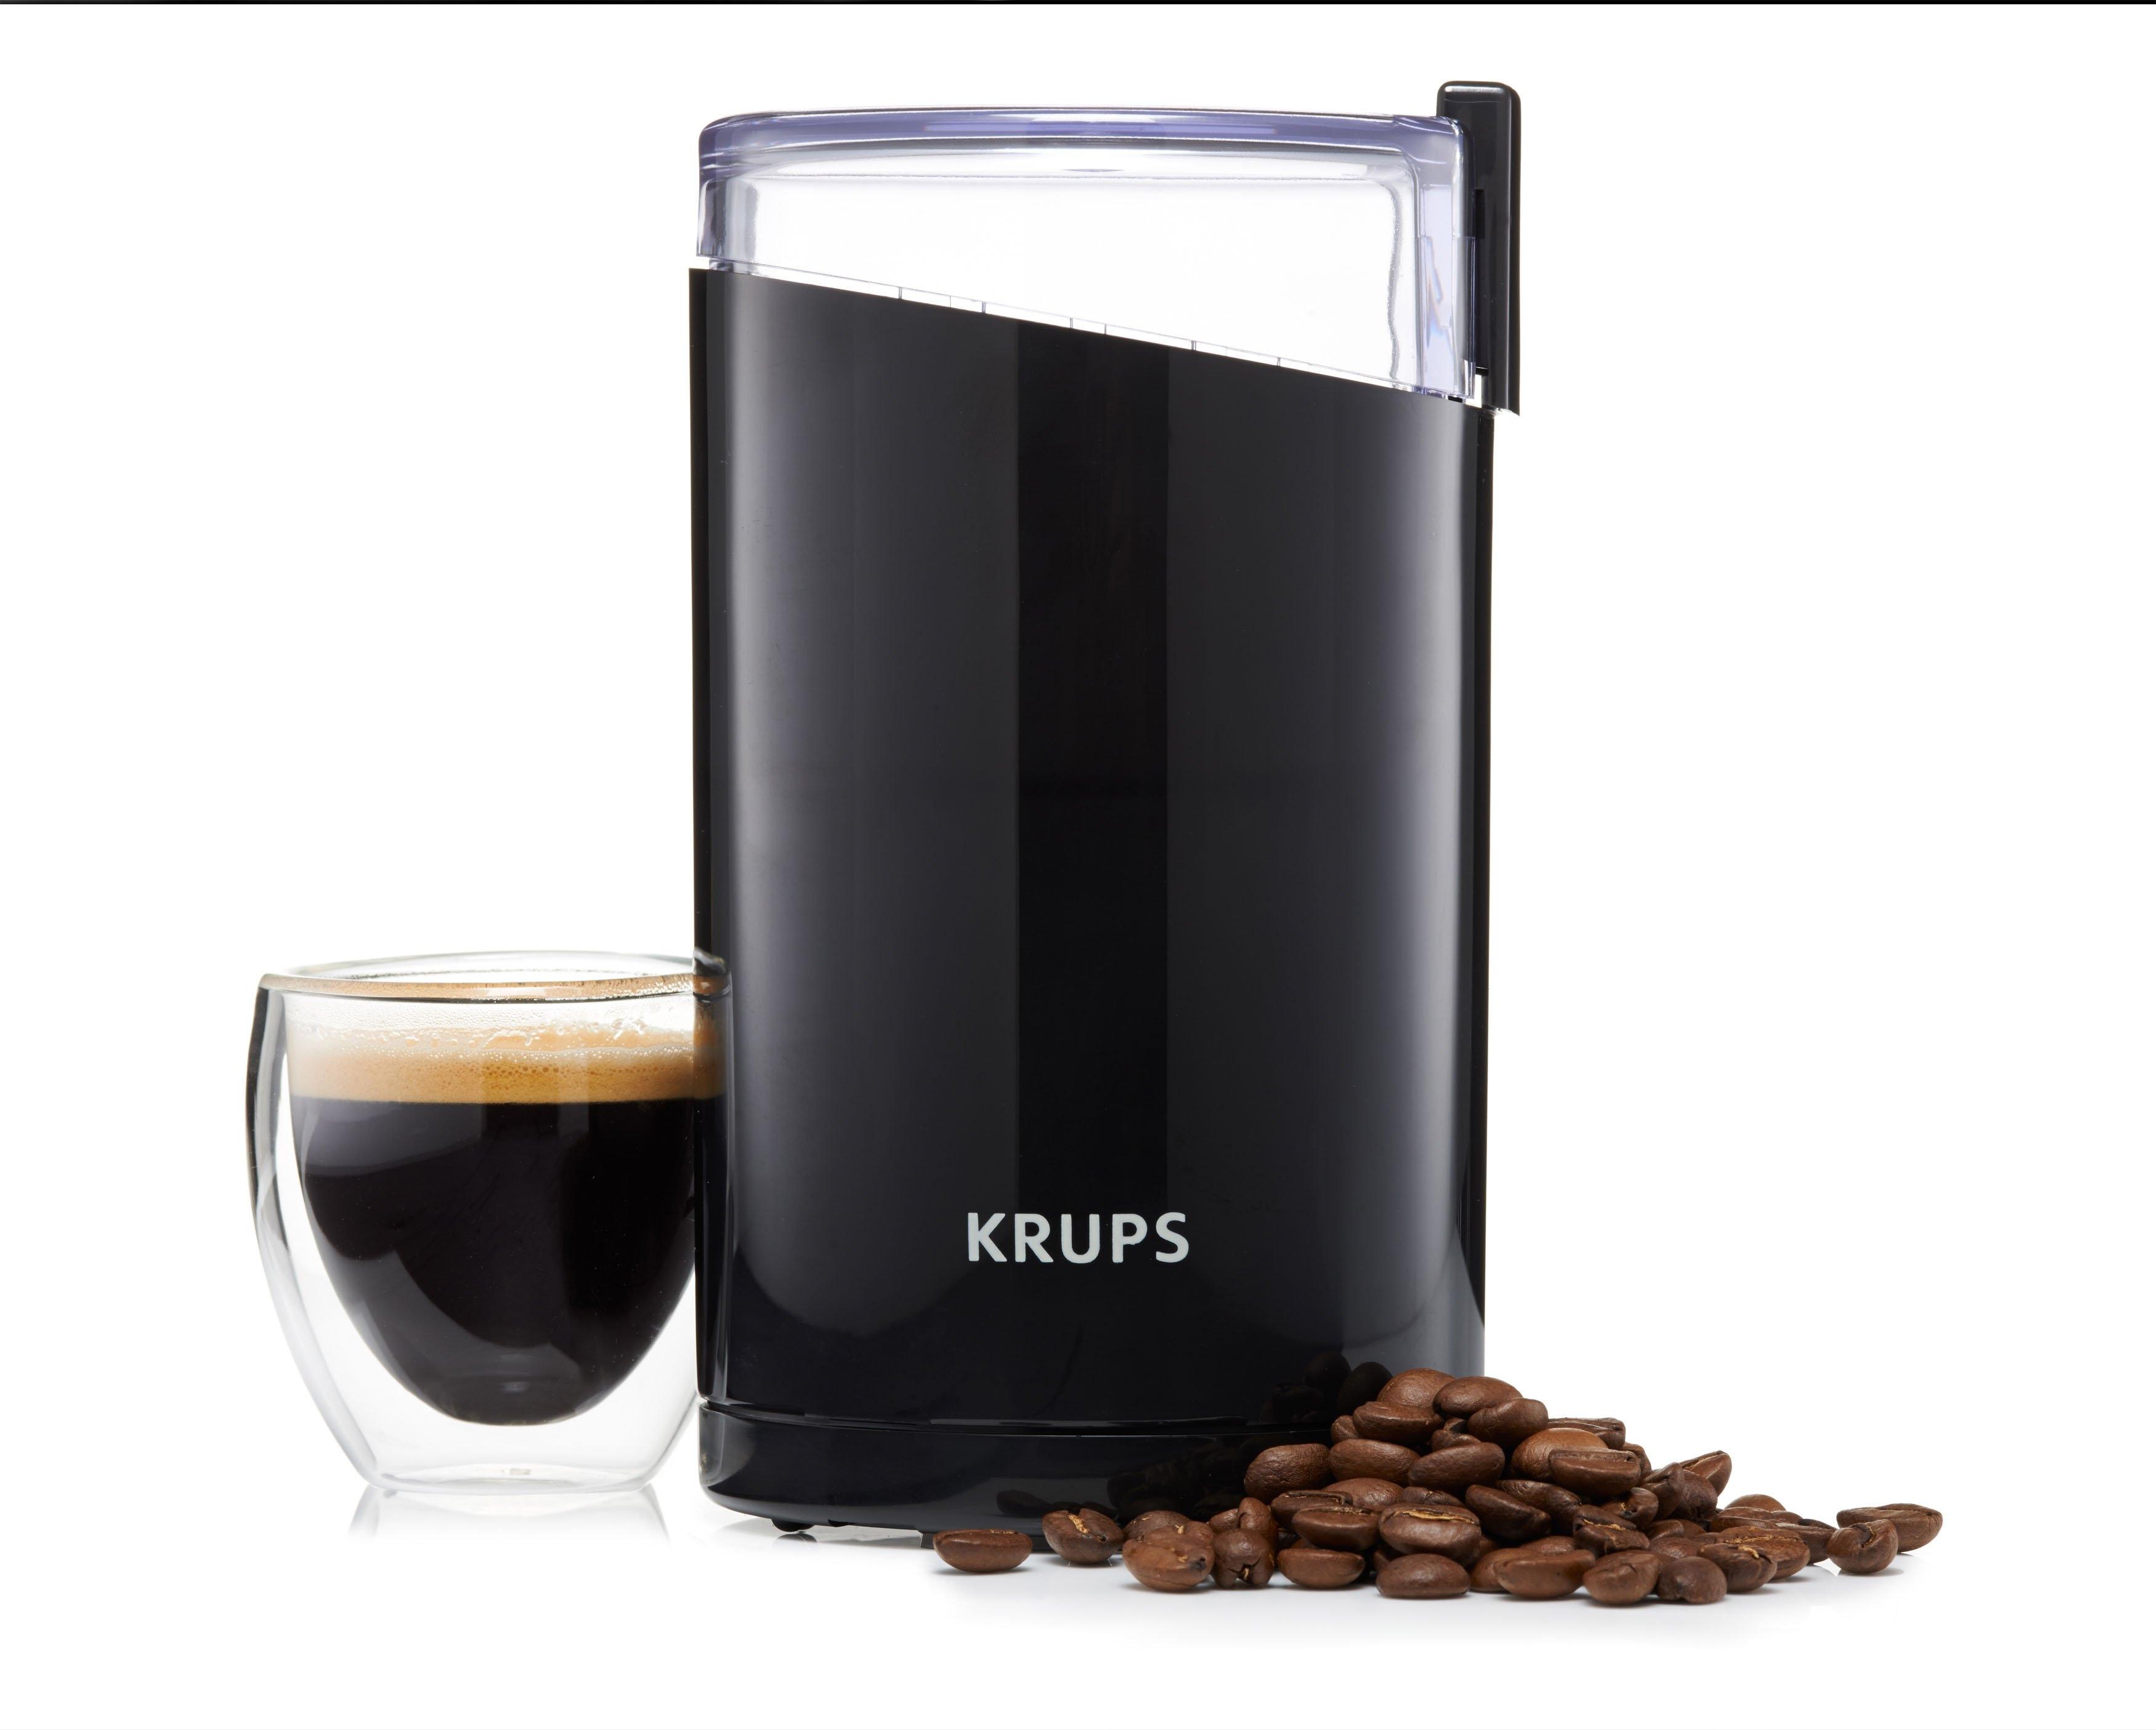 Krups koffiemolen F20342 goedkoop op otto.nl kopen